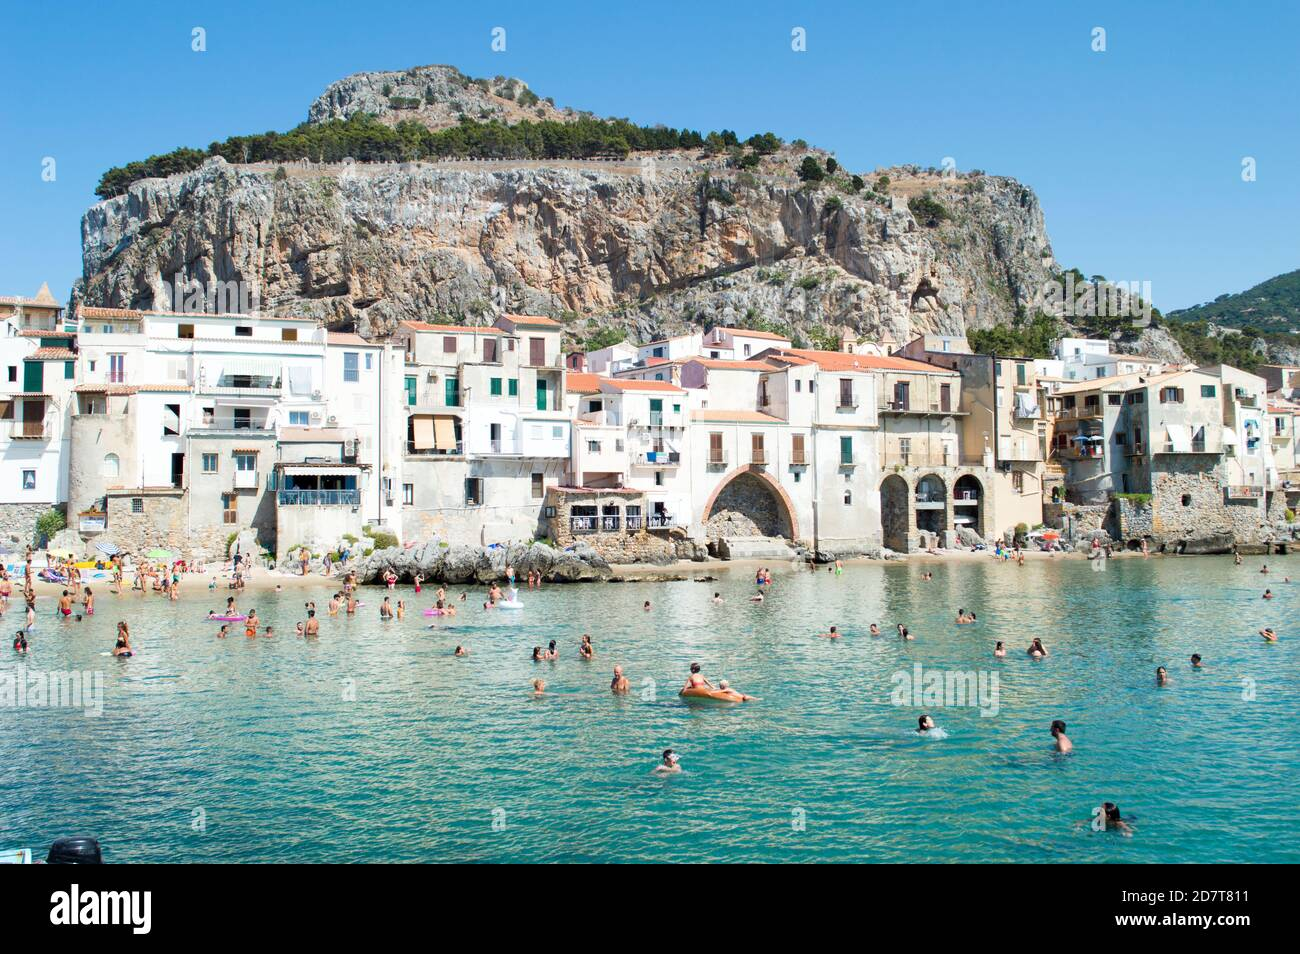 Cefalù, Palermo, Italia, julio de 2020. Detalle de esta pequeña ciudad costera y de su bonita playa Foto de stock